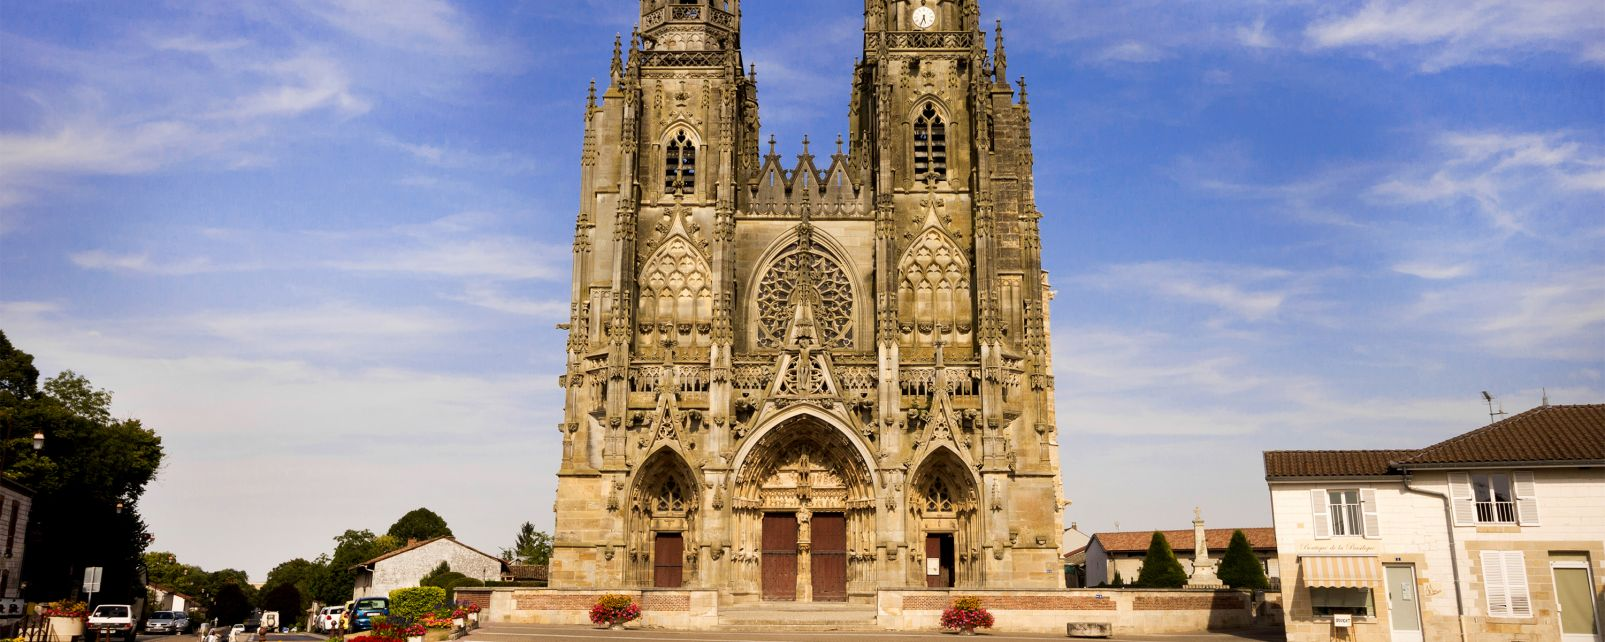 Basilique Notre Dame de l'Epine, Les monuments, Champagne-Ardenne